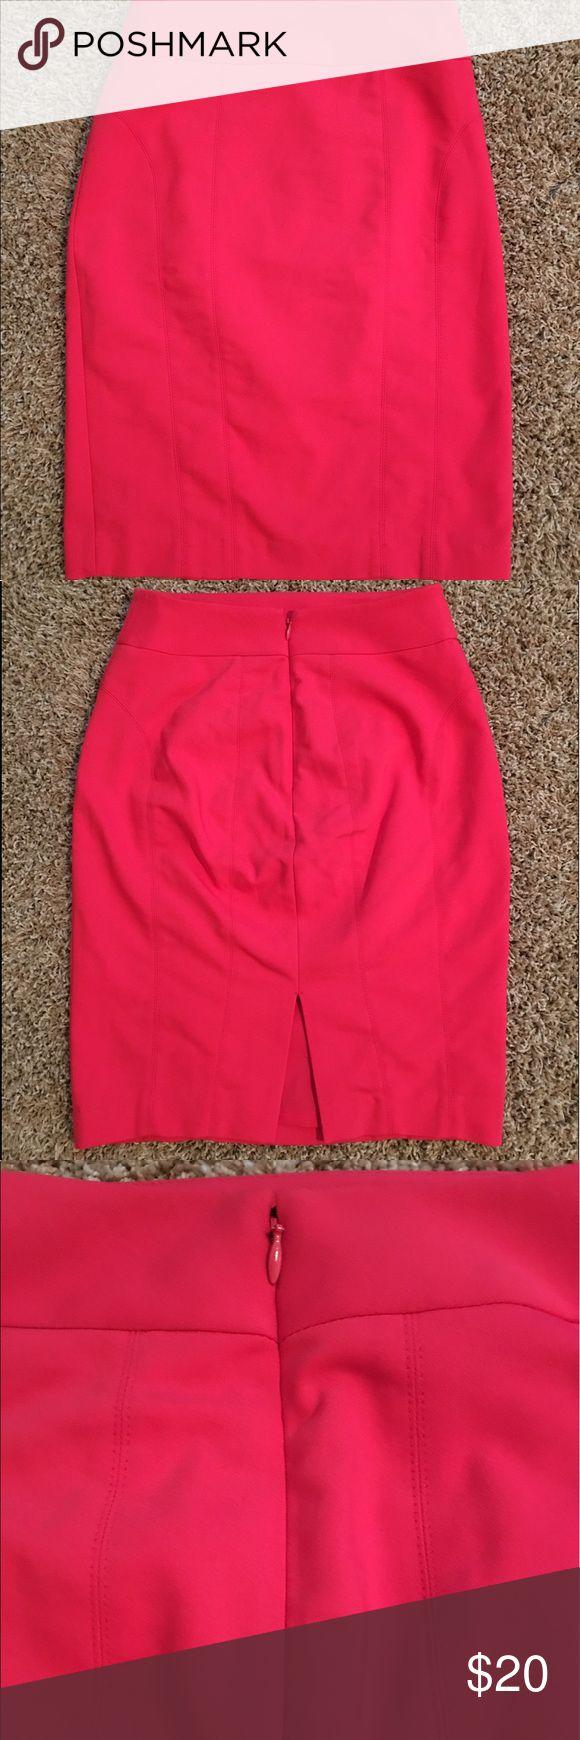 EXPRESS pencil skirt EXPRESS high waisted coral pencil skirt in mint condition Express Skirts Mini